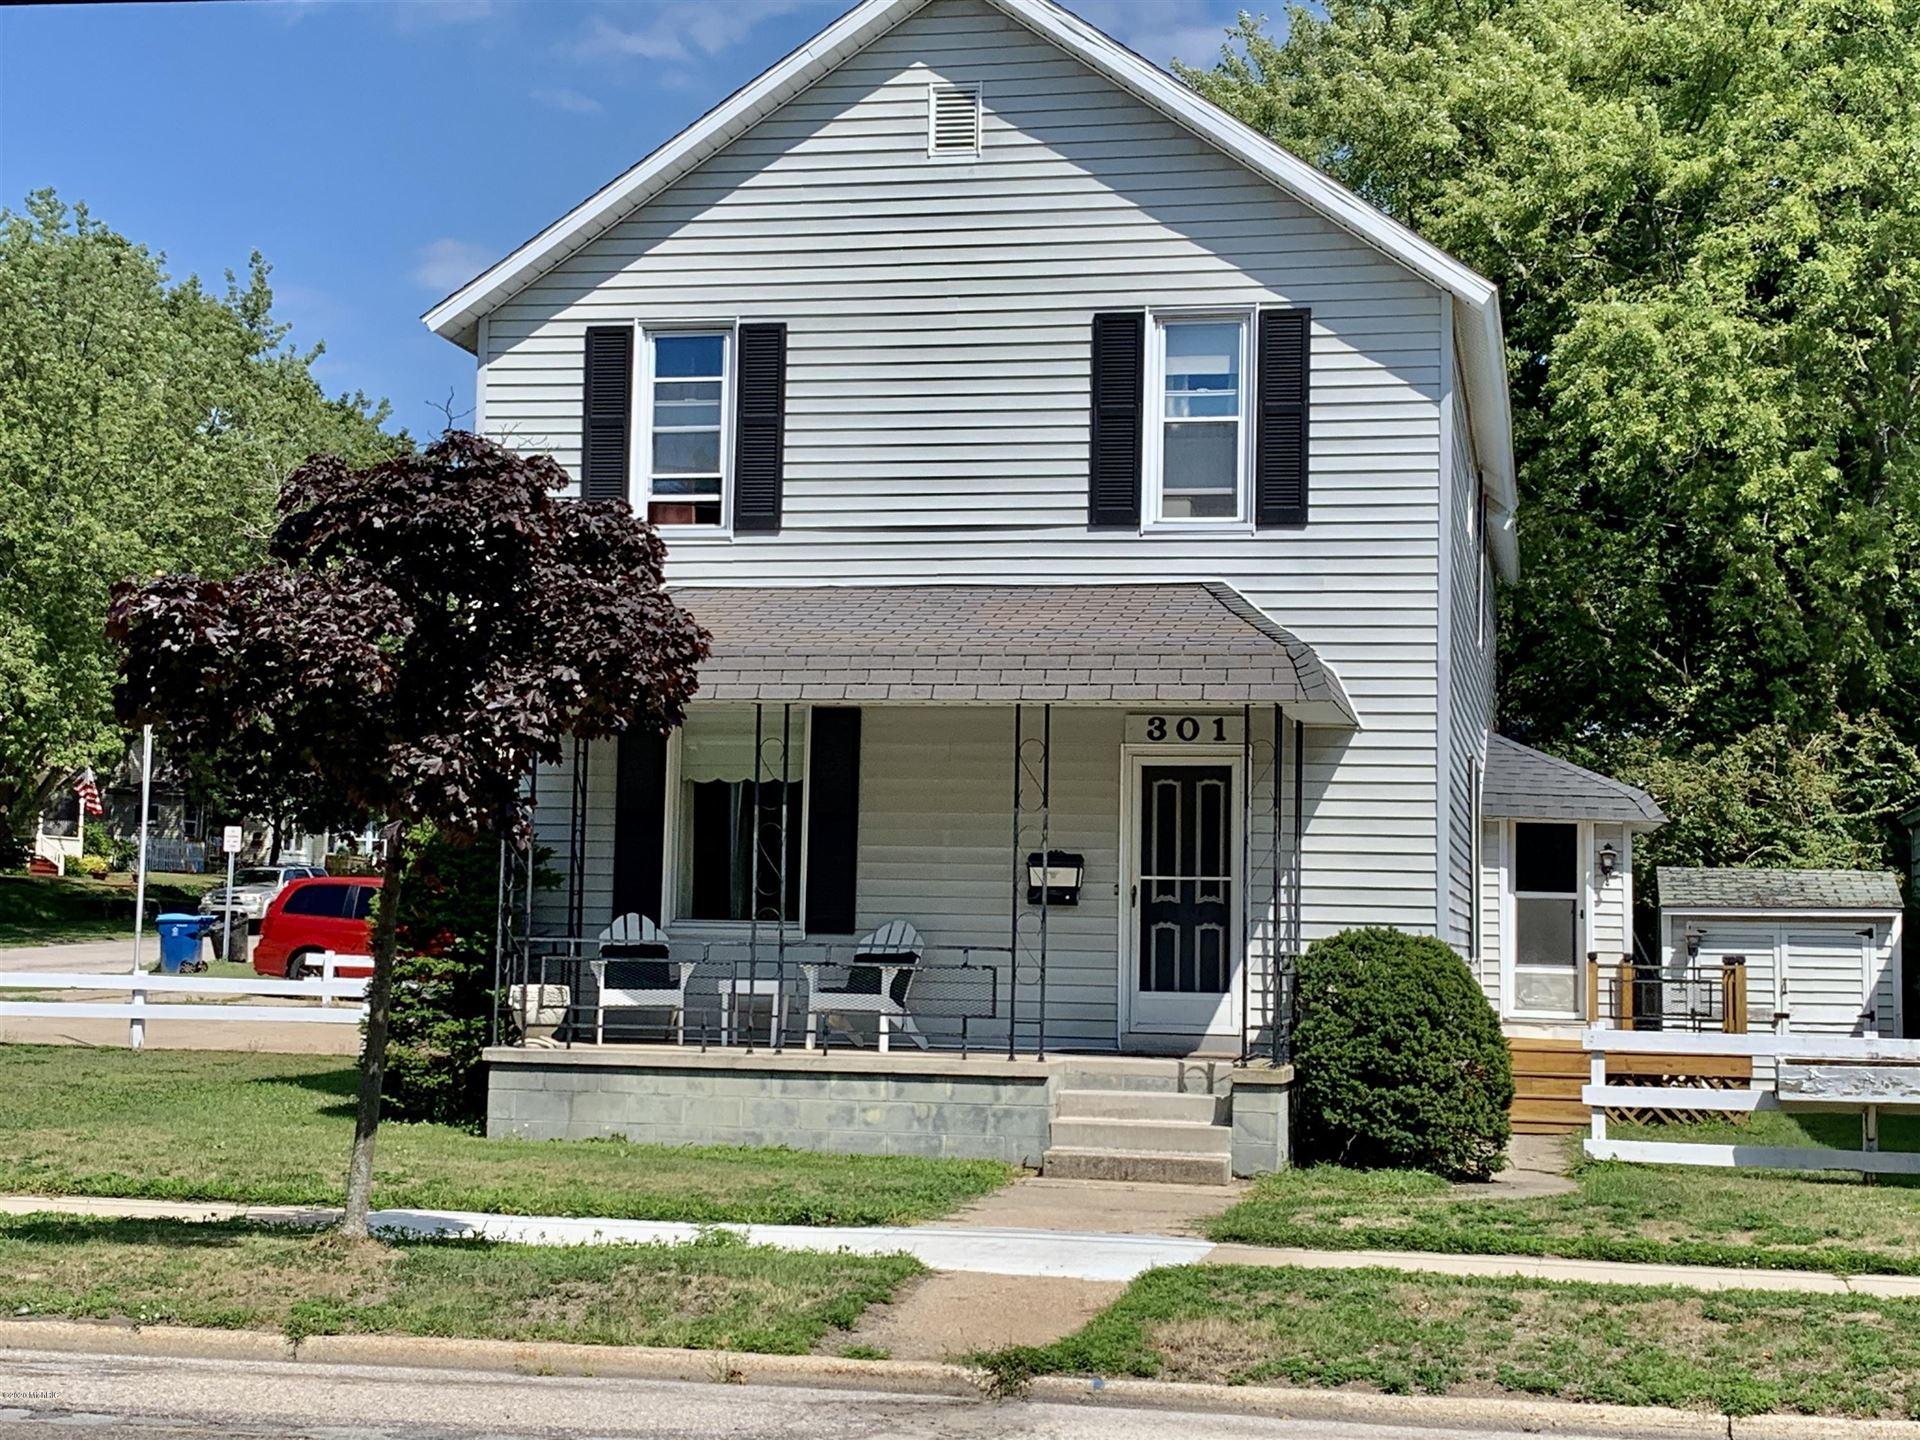 301 S Washington Avenue, Ludington, MI 49431 - MLS#: 20031991